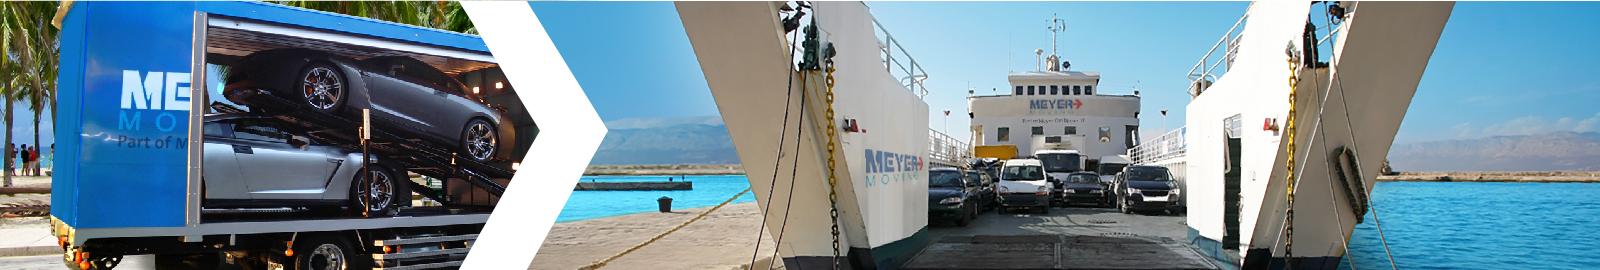 Beeldtransportafbeelding met voertuigtransporter en auto's die op een boot worden verscheept.